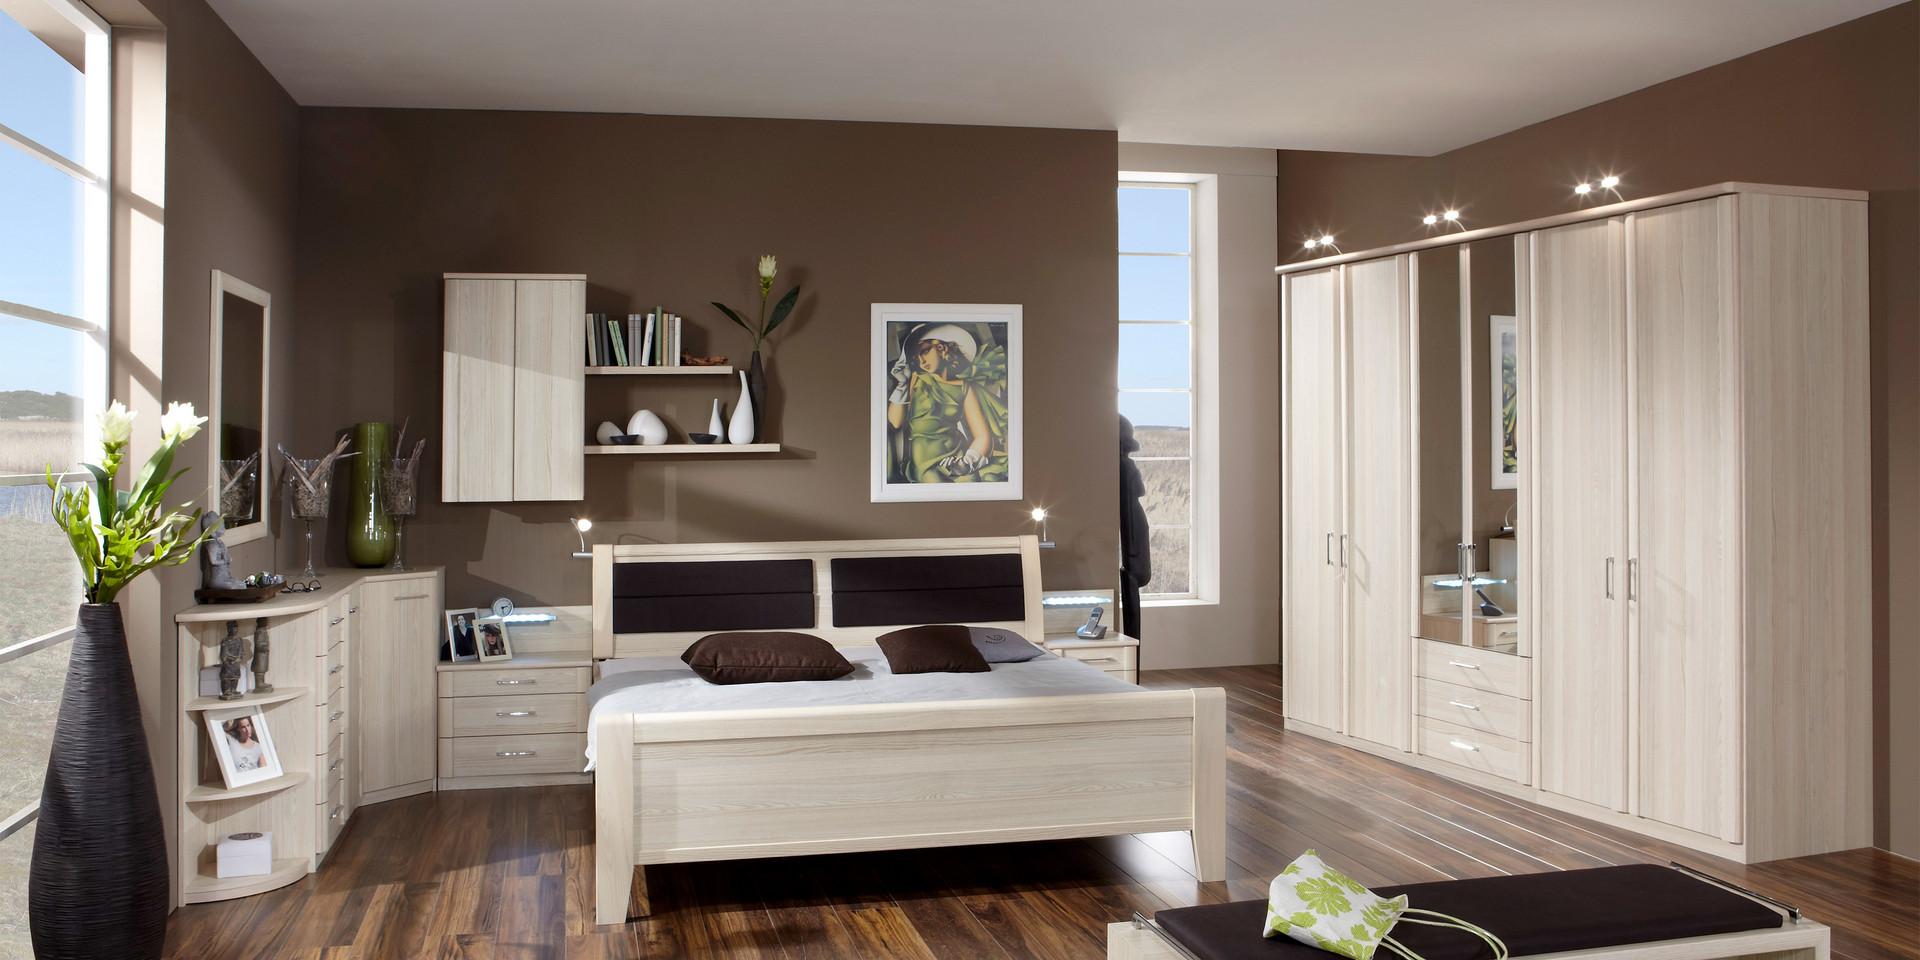 Full Size of überbau Schlafzimmer Modern Erleben Sie Das Luxor 3 4 Mbelhersteller Wiemann Deckenleuchte Modernes Sofa Schranksysteme Weißes Wandleuchte Landhaus Mit Wohnzimmer überbau Schlafzimmer Modern